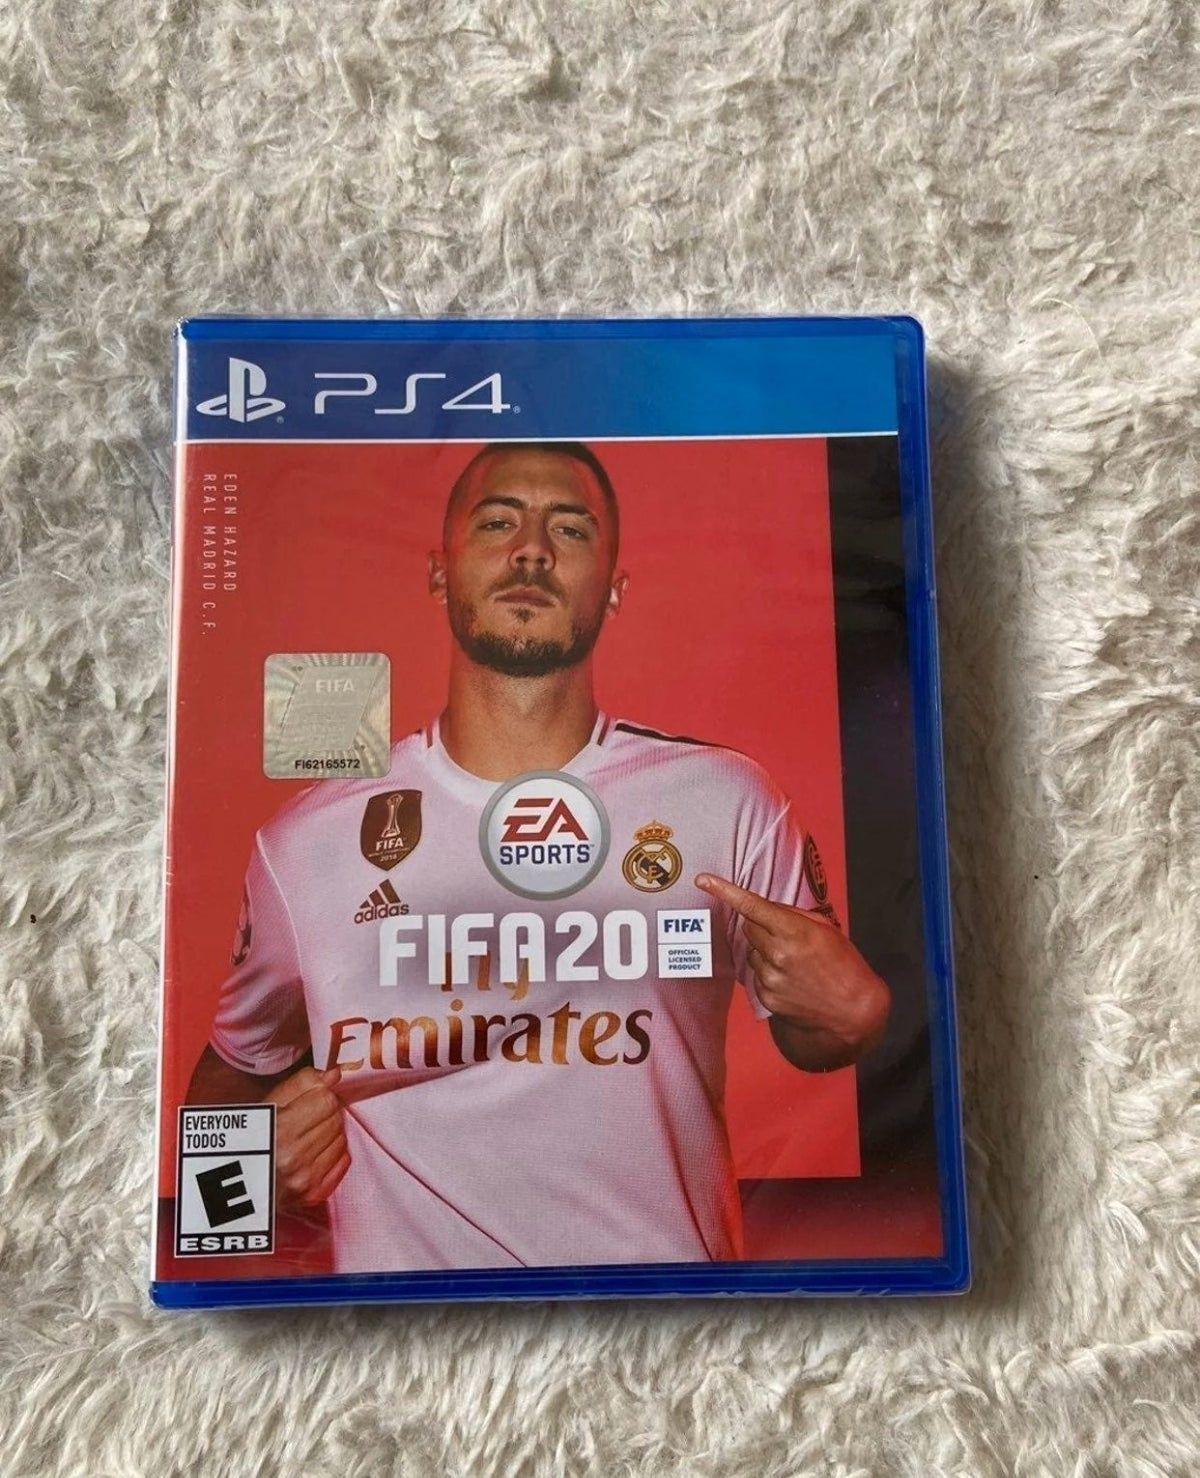 Obtenez le meilleur guide FIFA 20 Pro Gratuit !fifa 20